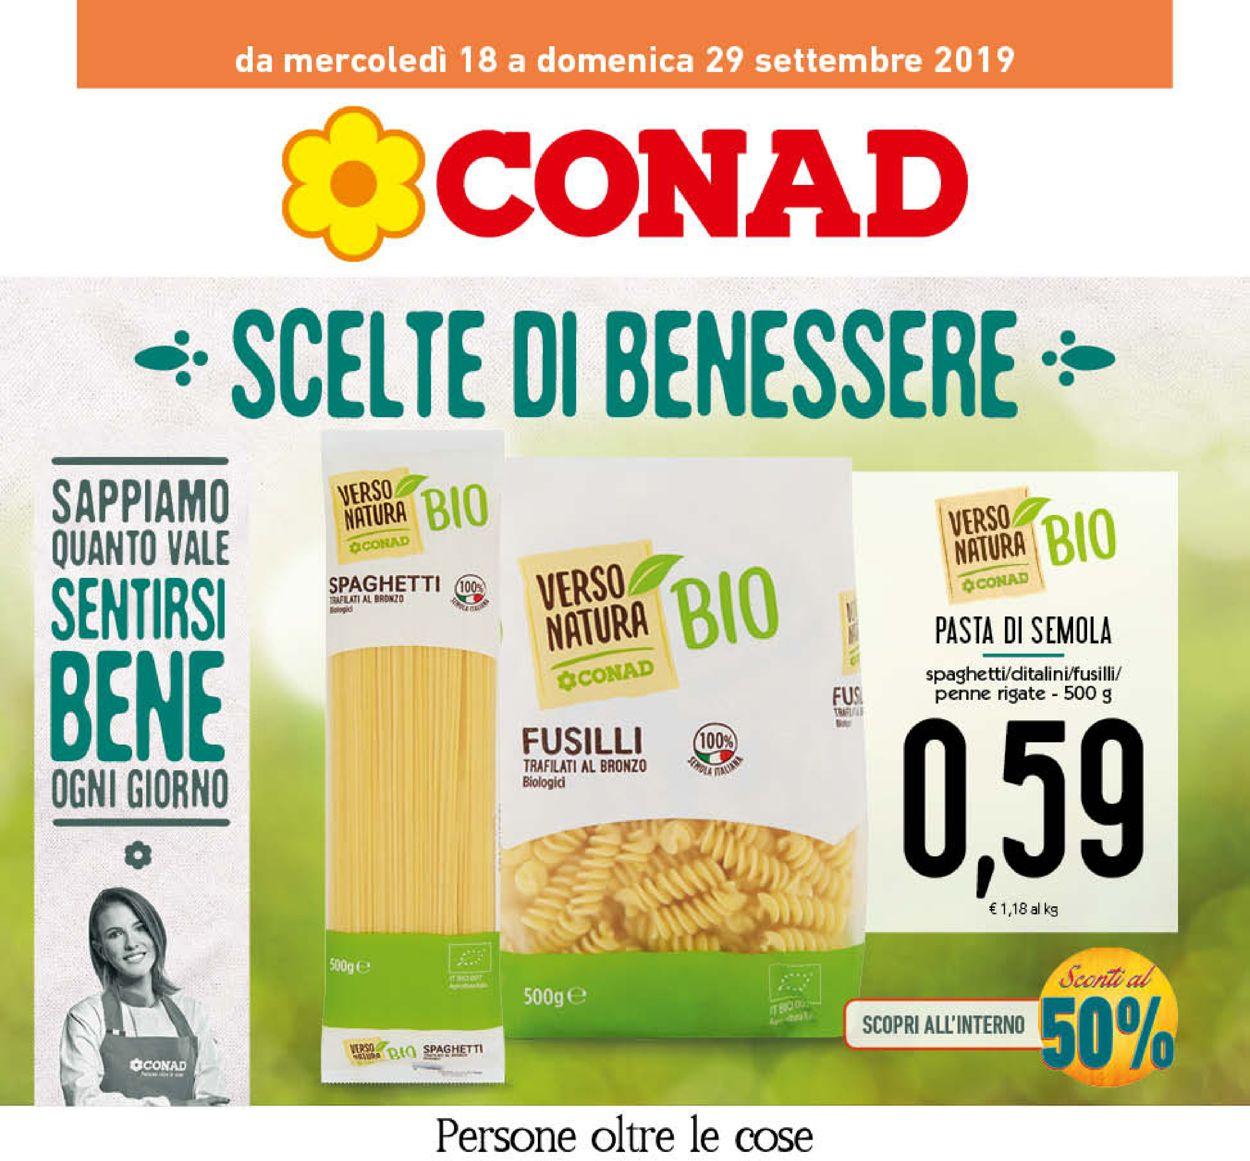 Volantino Conad - Offerte 18/09-29/09/2019